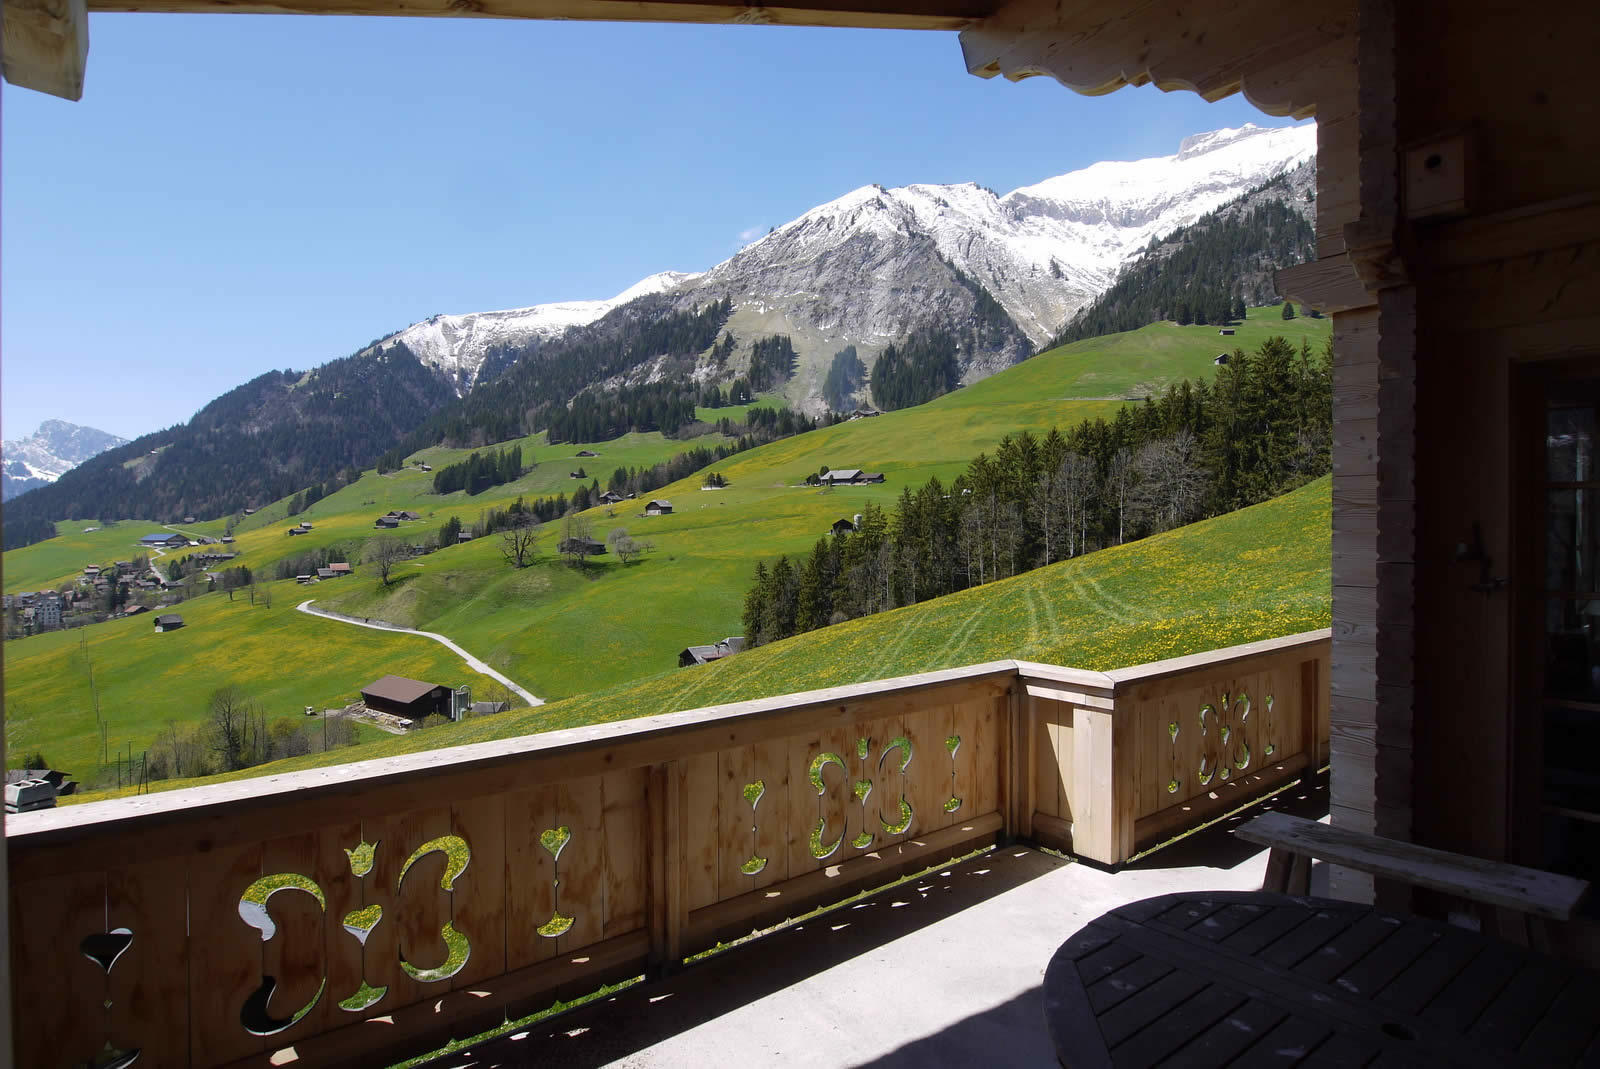 chalet-3-etages-cheminee-terrasse-balcon-vue-panoramique-montagnes-a-vendre-chateau-doex